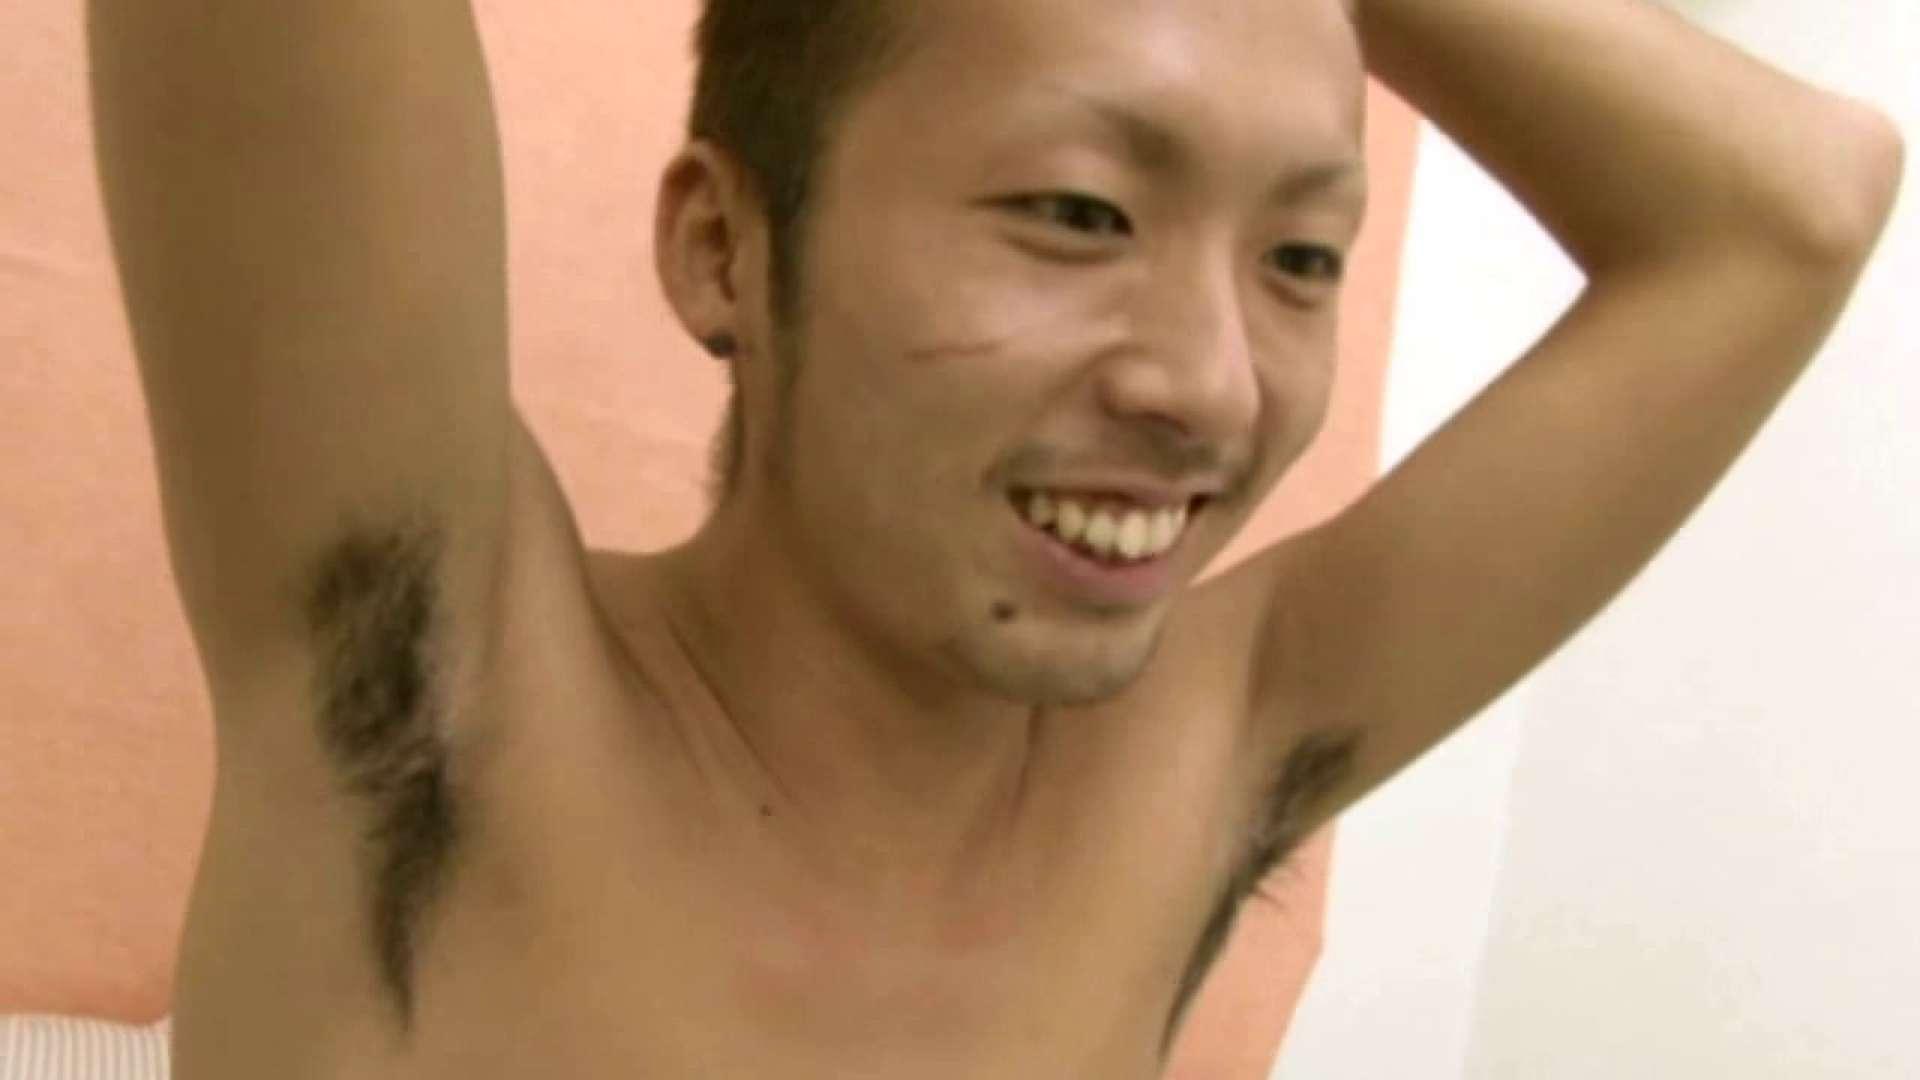 ノンケ!自慰スタジオ No.11 ノンケまつり ゲイアダルト画像 110枚 57